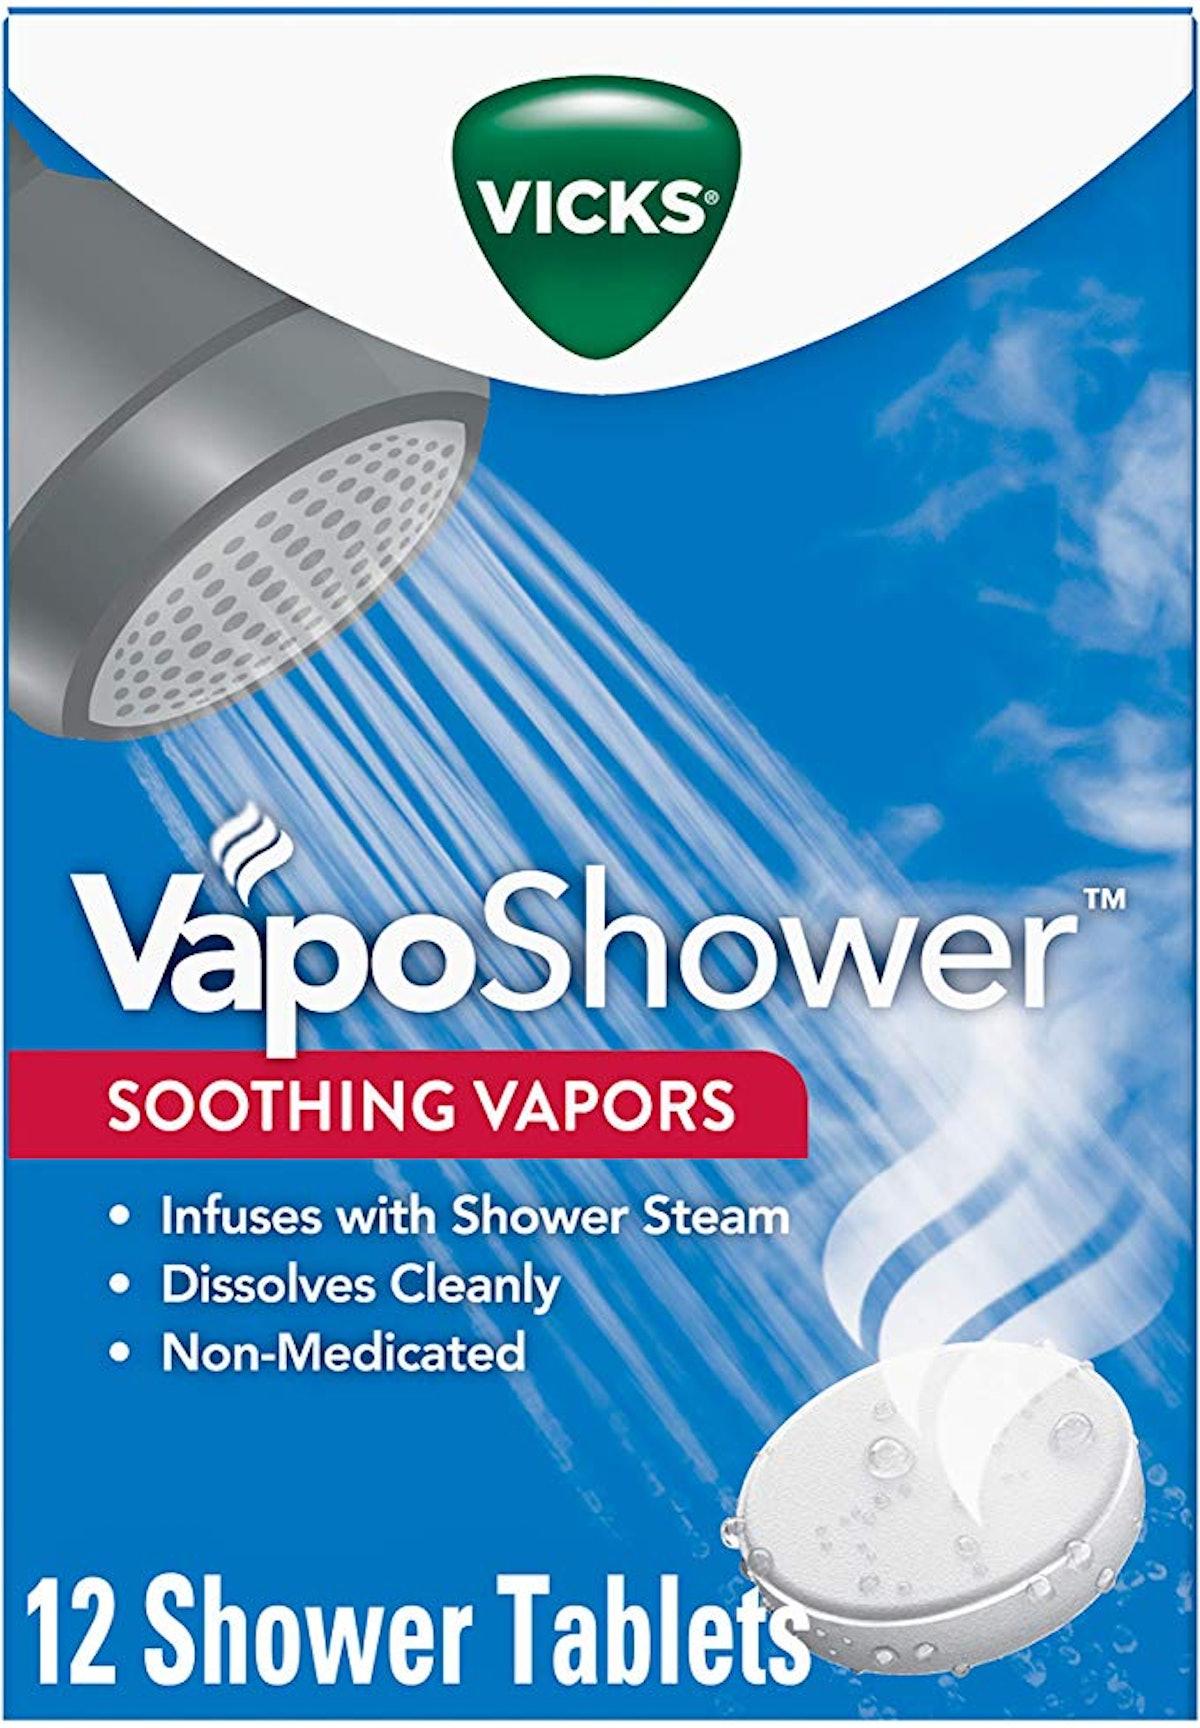 Vicks VapoShower Shower Bomb Tablets (12-Pack)